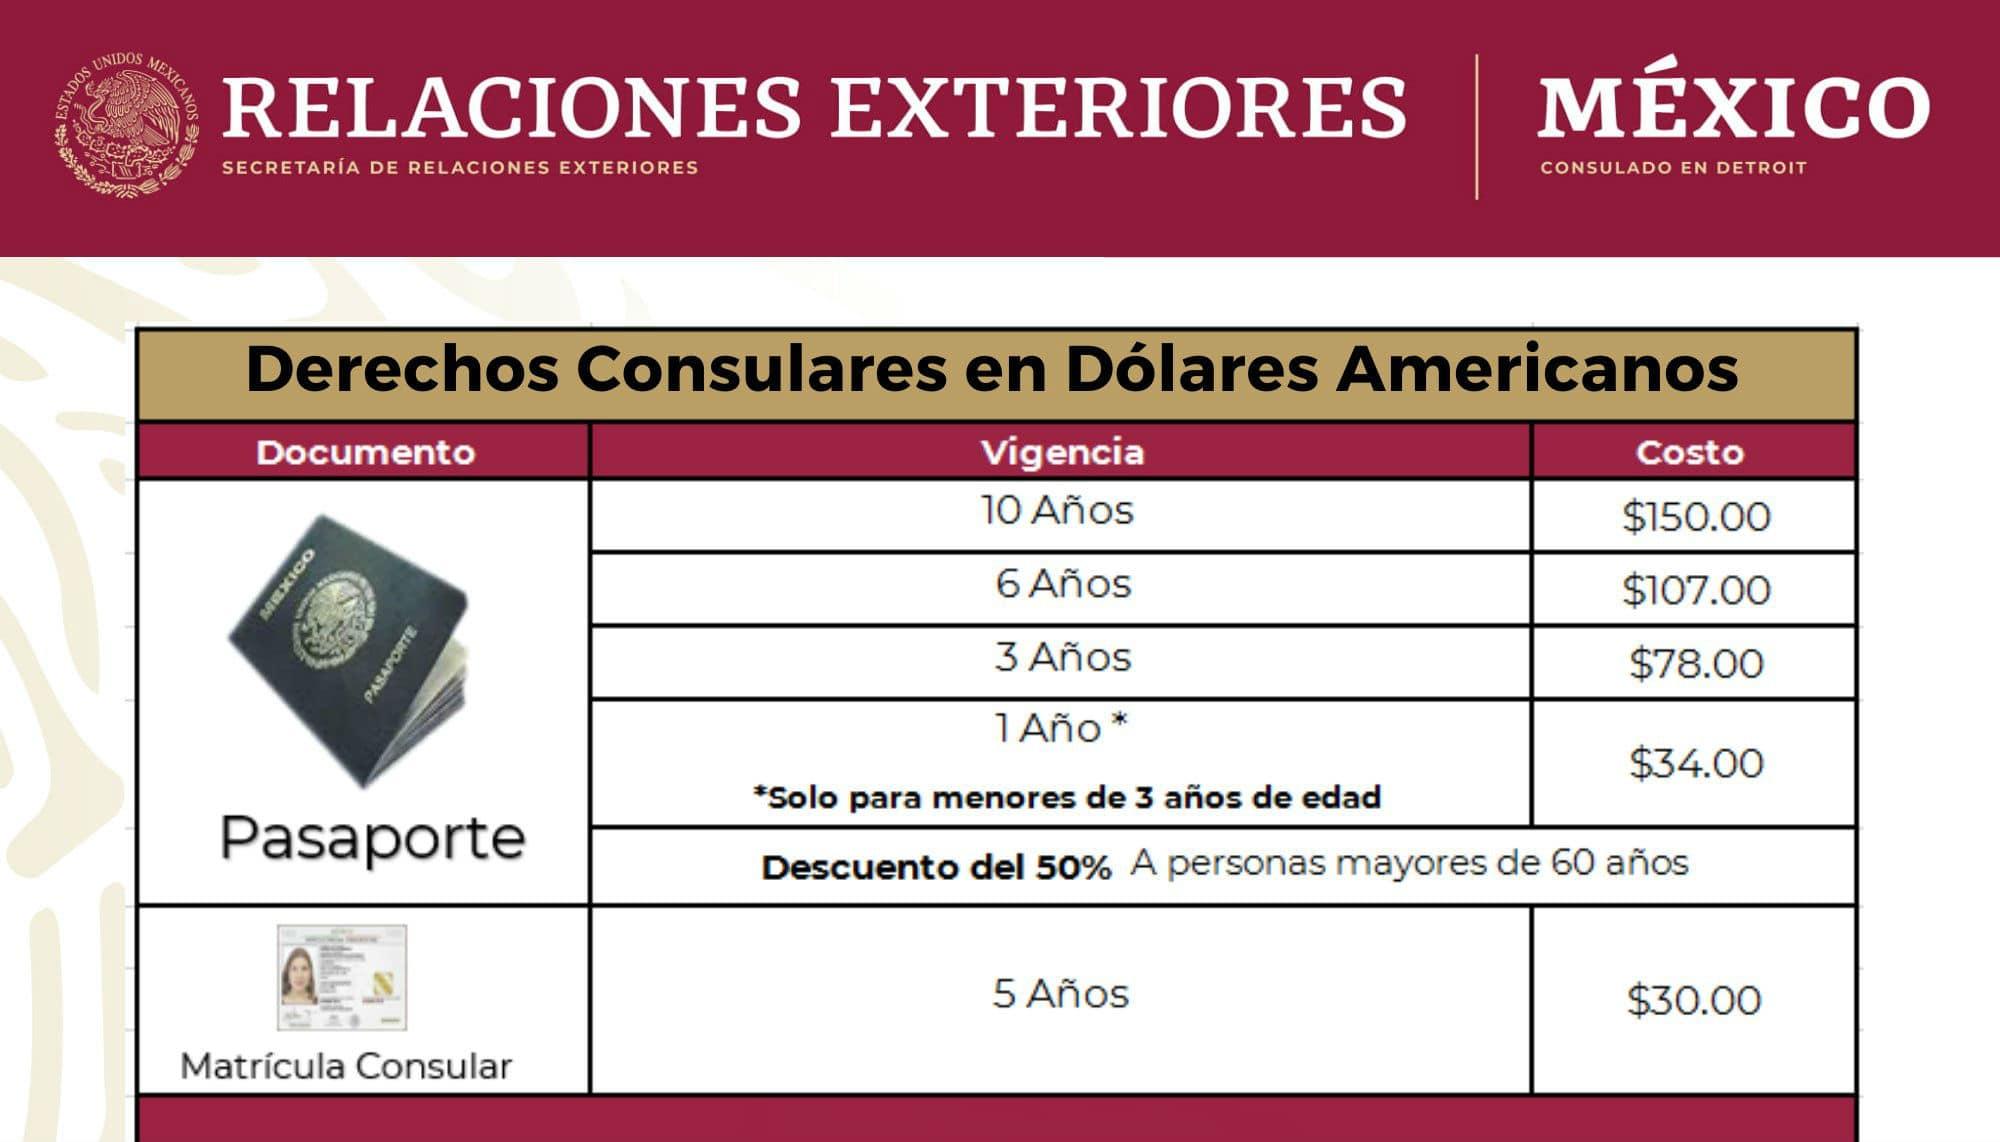 consulado mexicano en denver